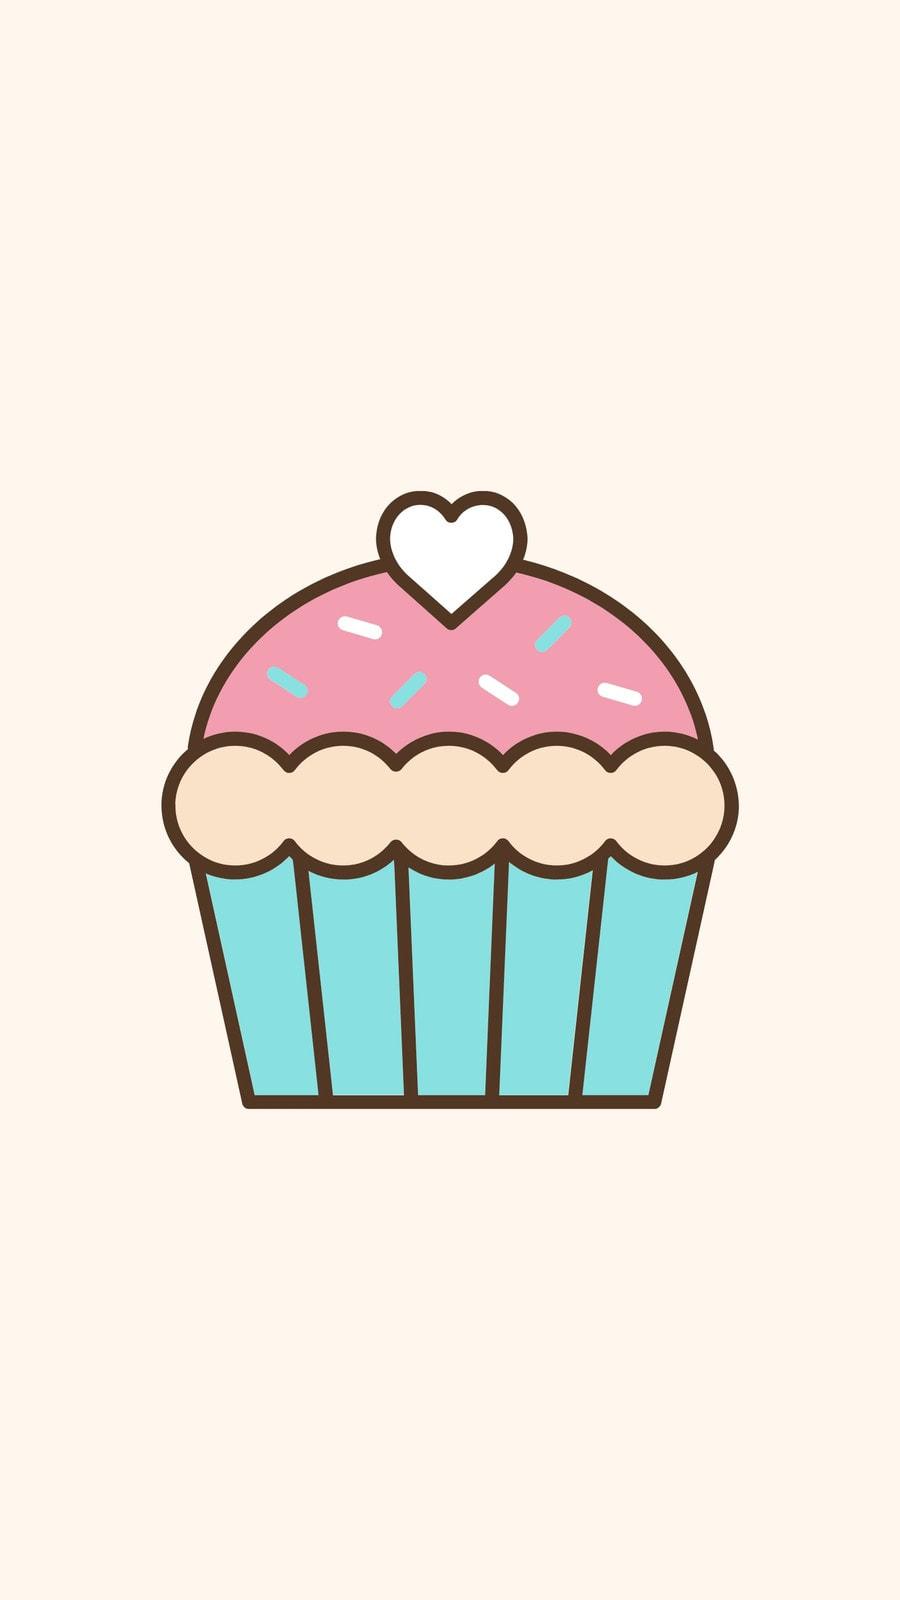 Pink Playful Bake Shop Instagram Highlight Cover